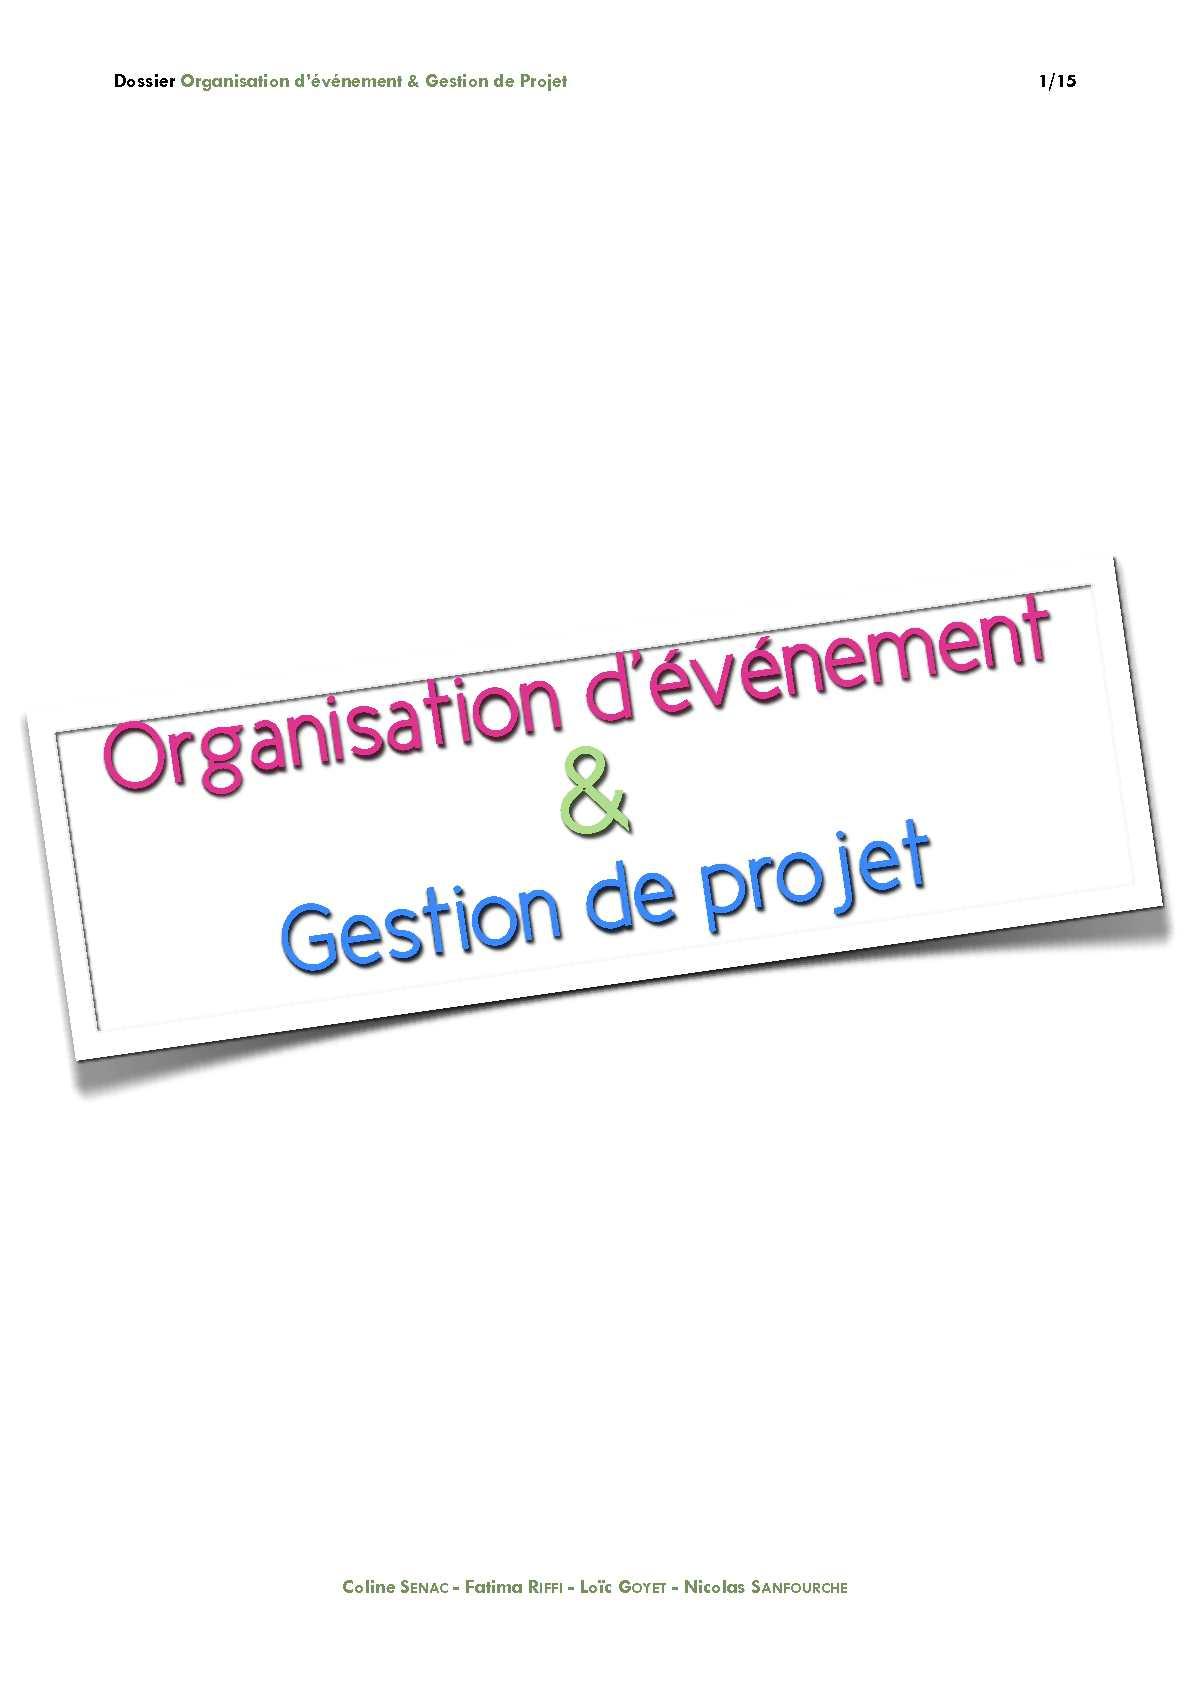 Organisation d'événement & gestion de projet